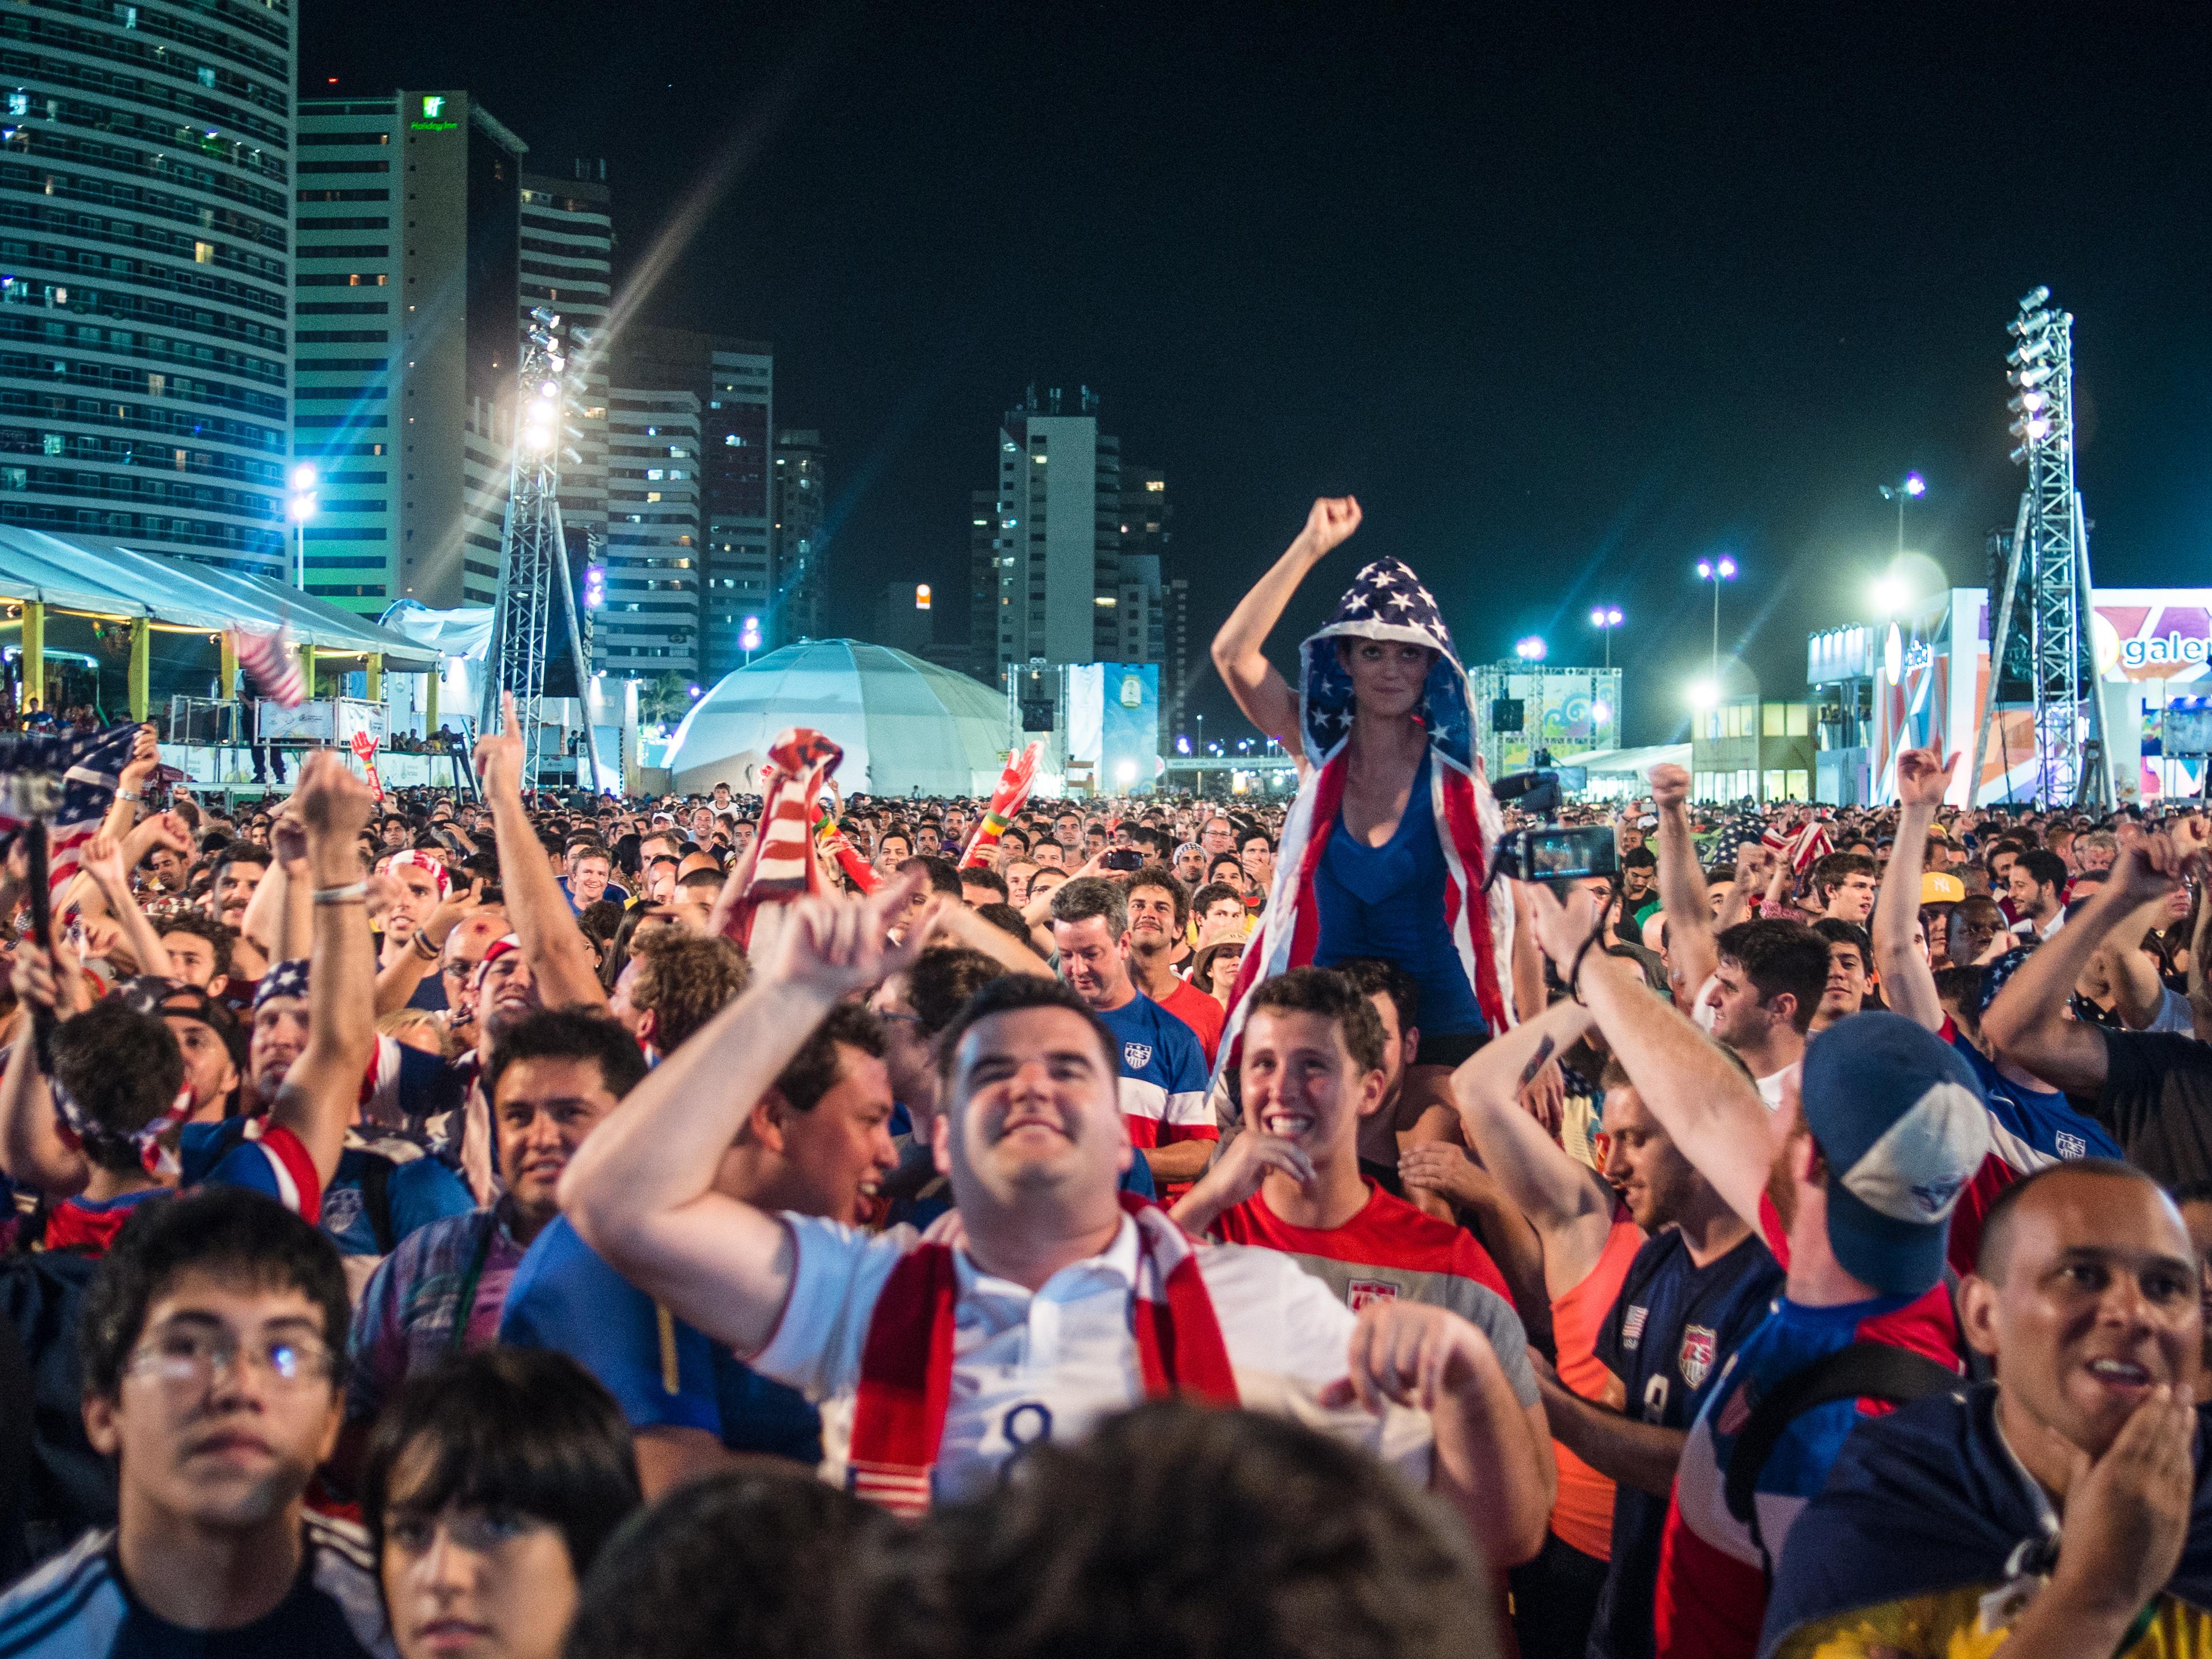 bresil-mondial-football-2014-07